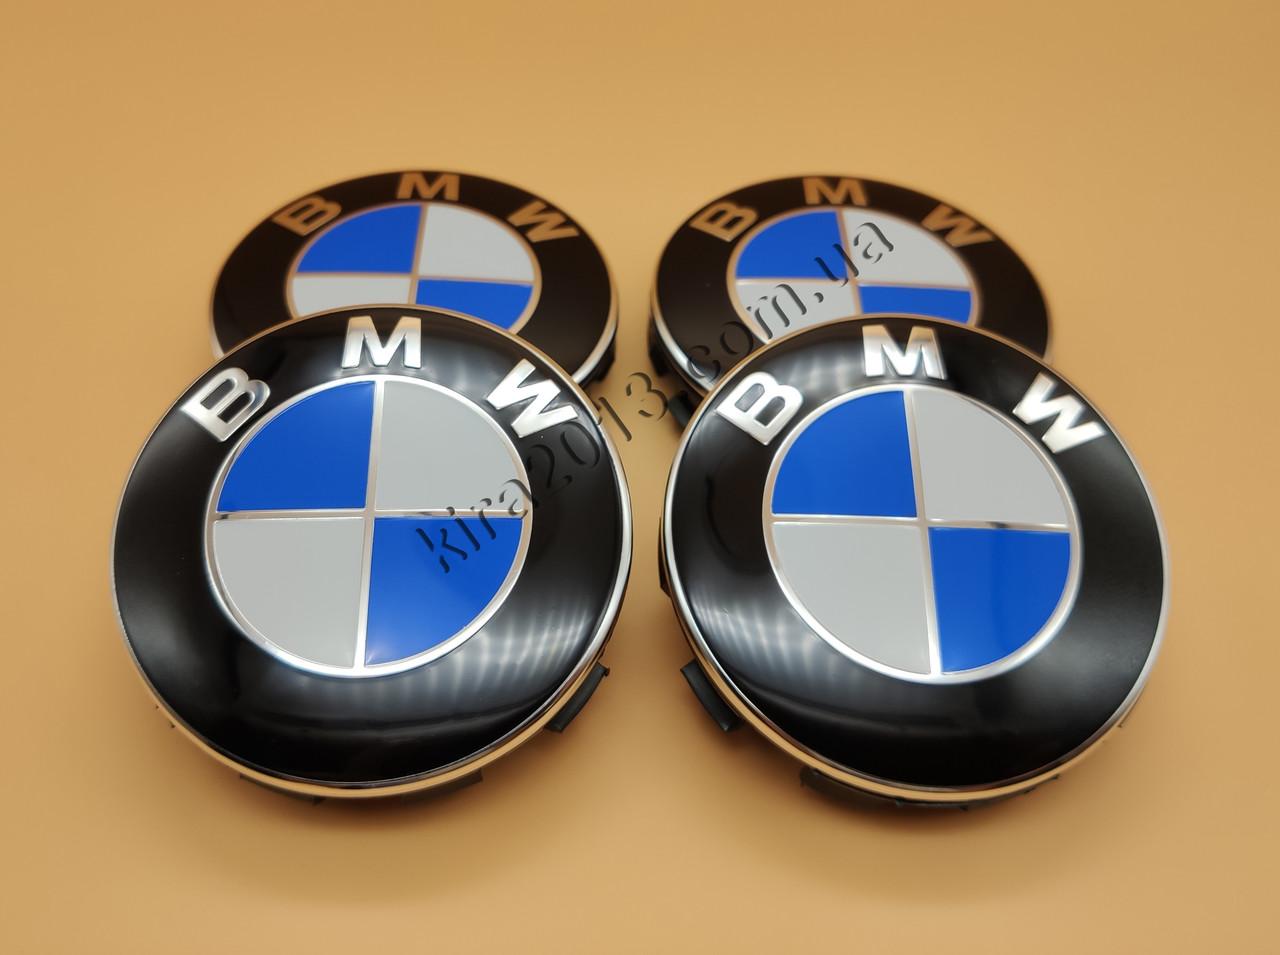 Колпачок ступицы колеса BMW 36136783536 Колпачек в диск БМВ